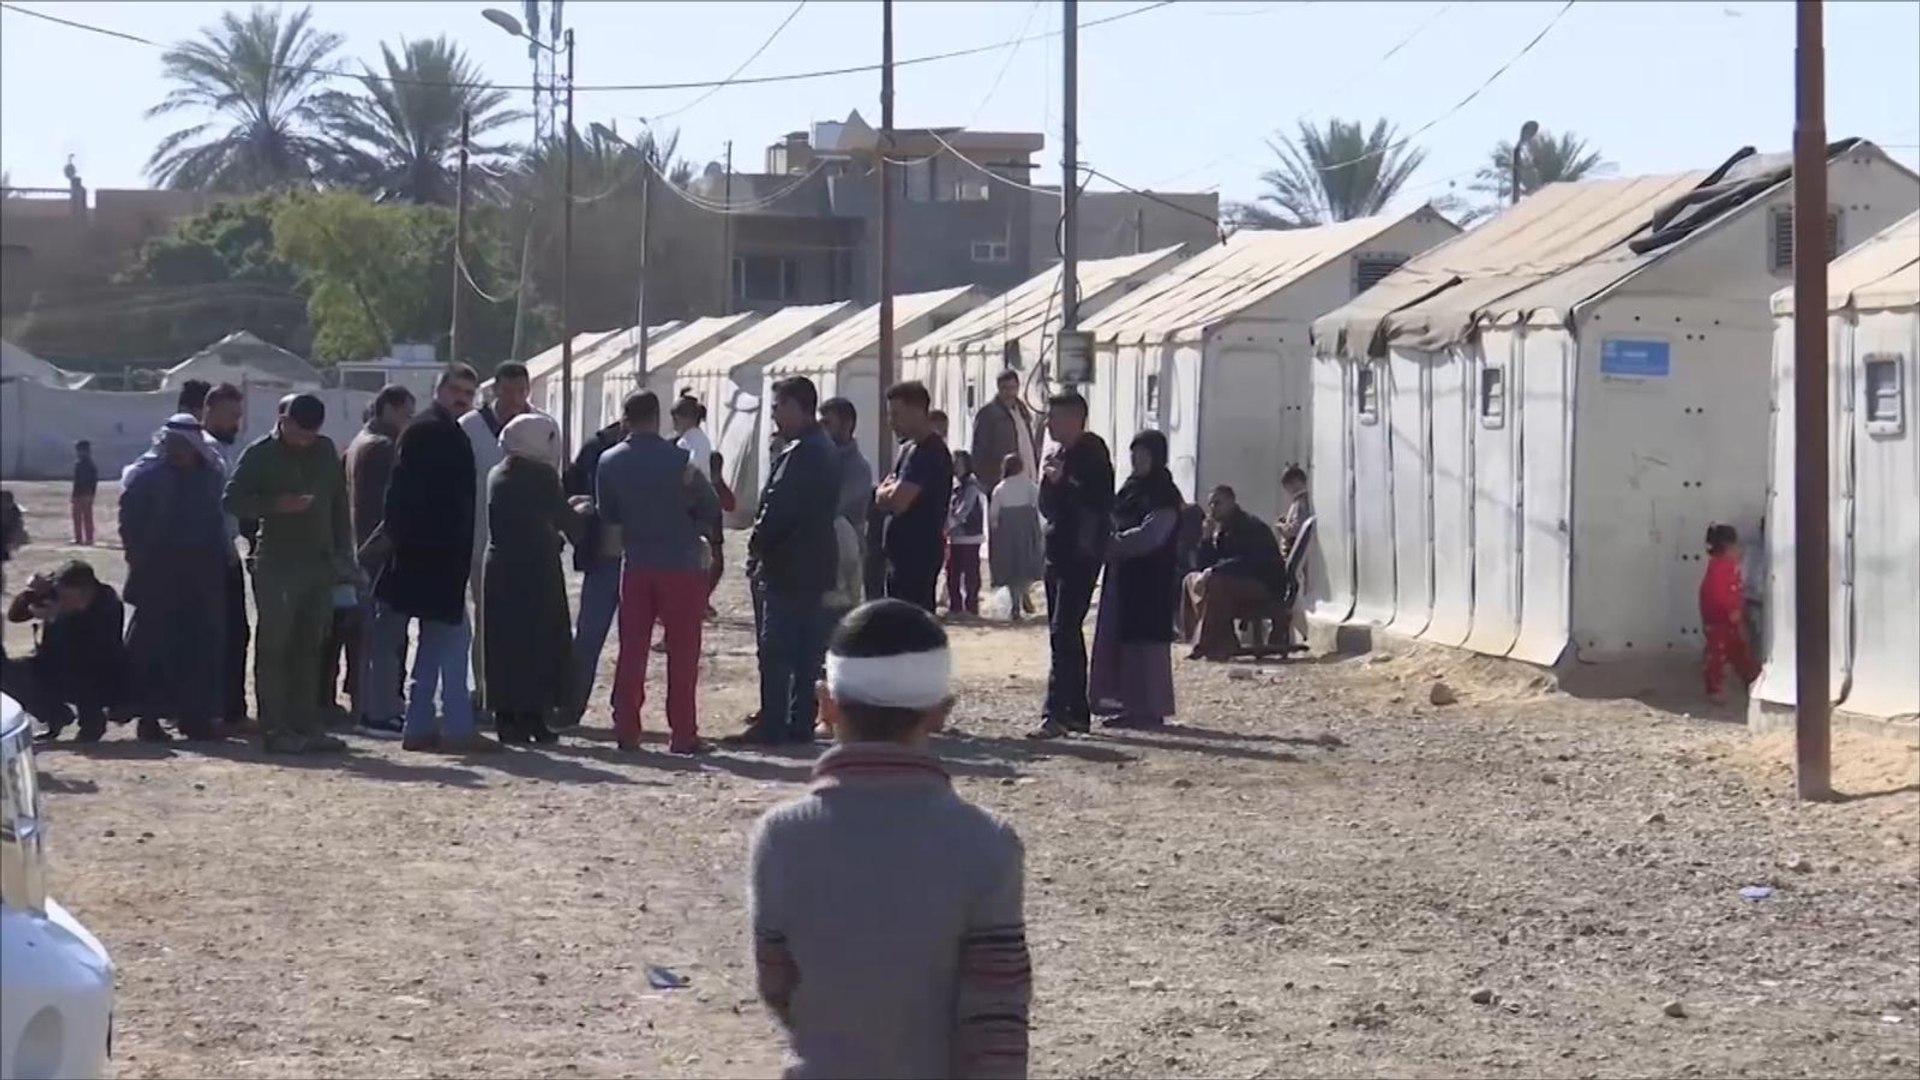 السلطات العراقية تقرر إخلاء مخيم بالأنبار والنازحون يرفضون